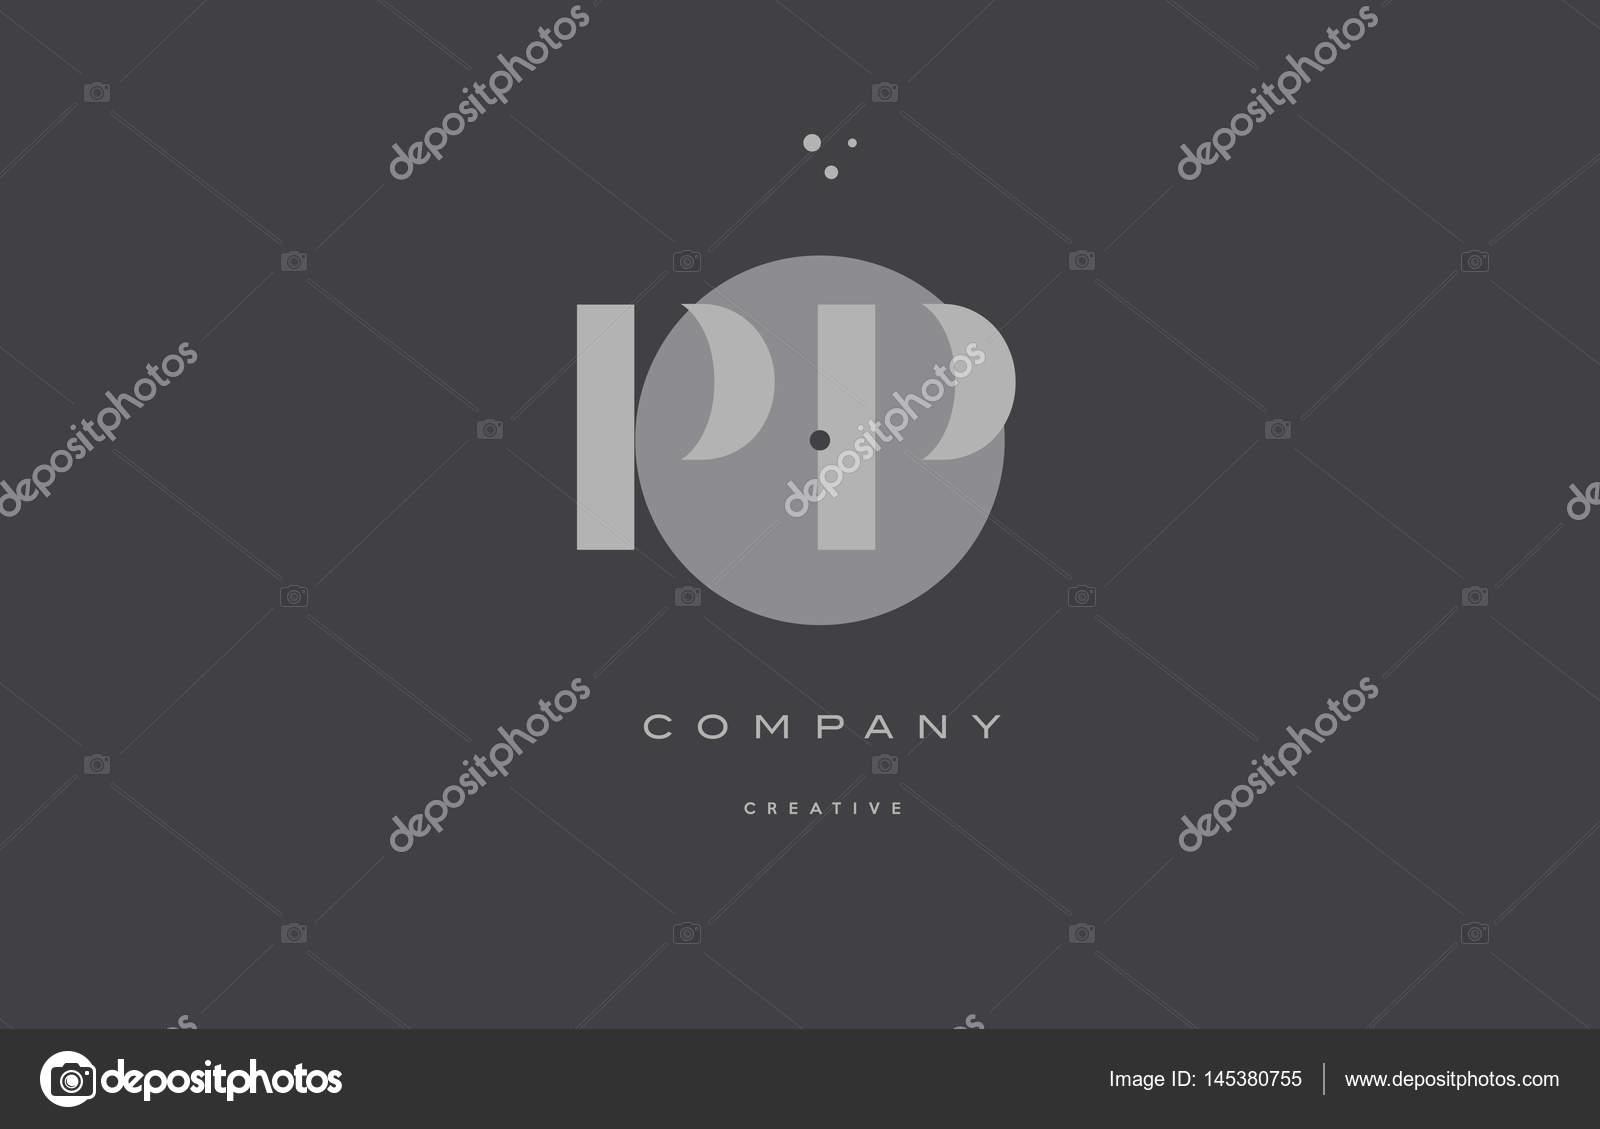 pp p gri çağdaş alfabesi şirket mektup logo simge stok vektör